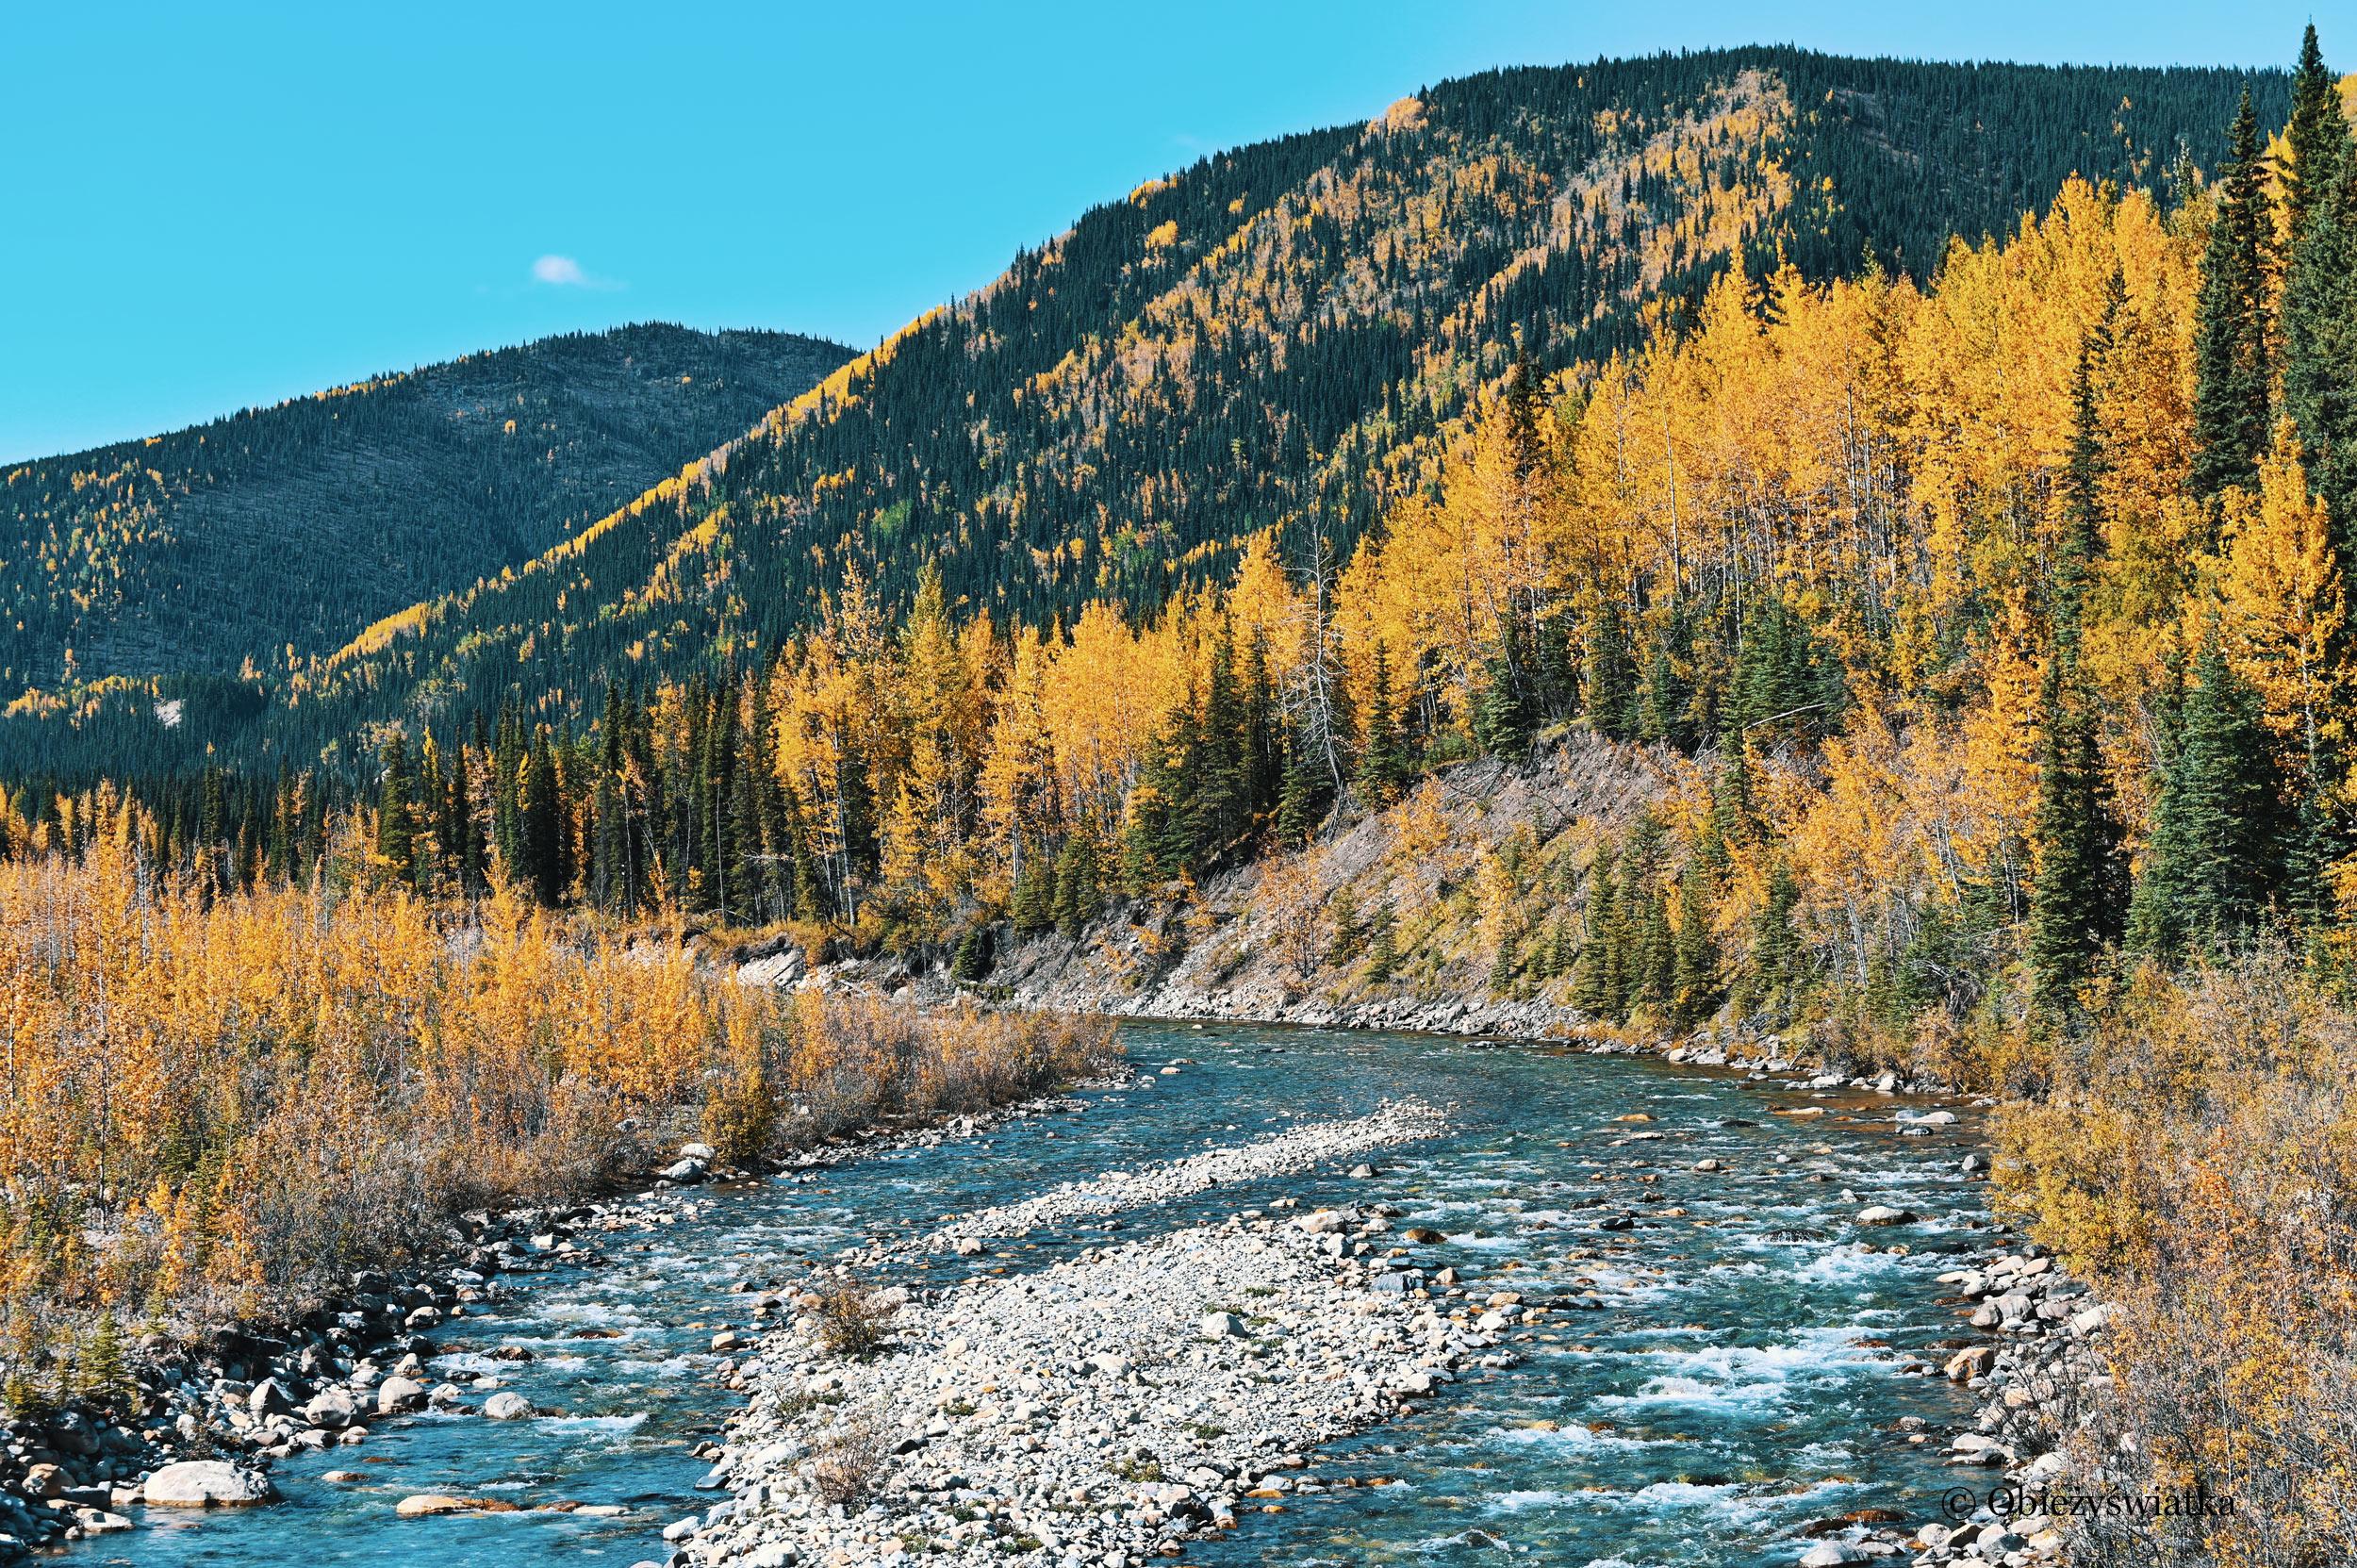 Przyroda jesienią w Yukonie, Alaska Highway, Kanada